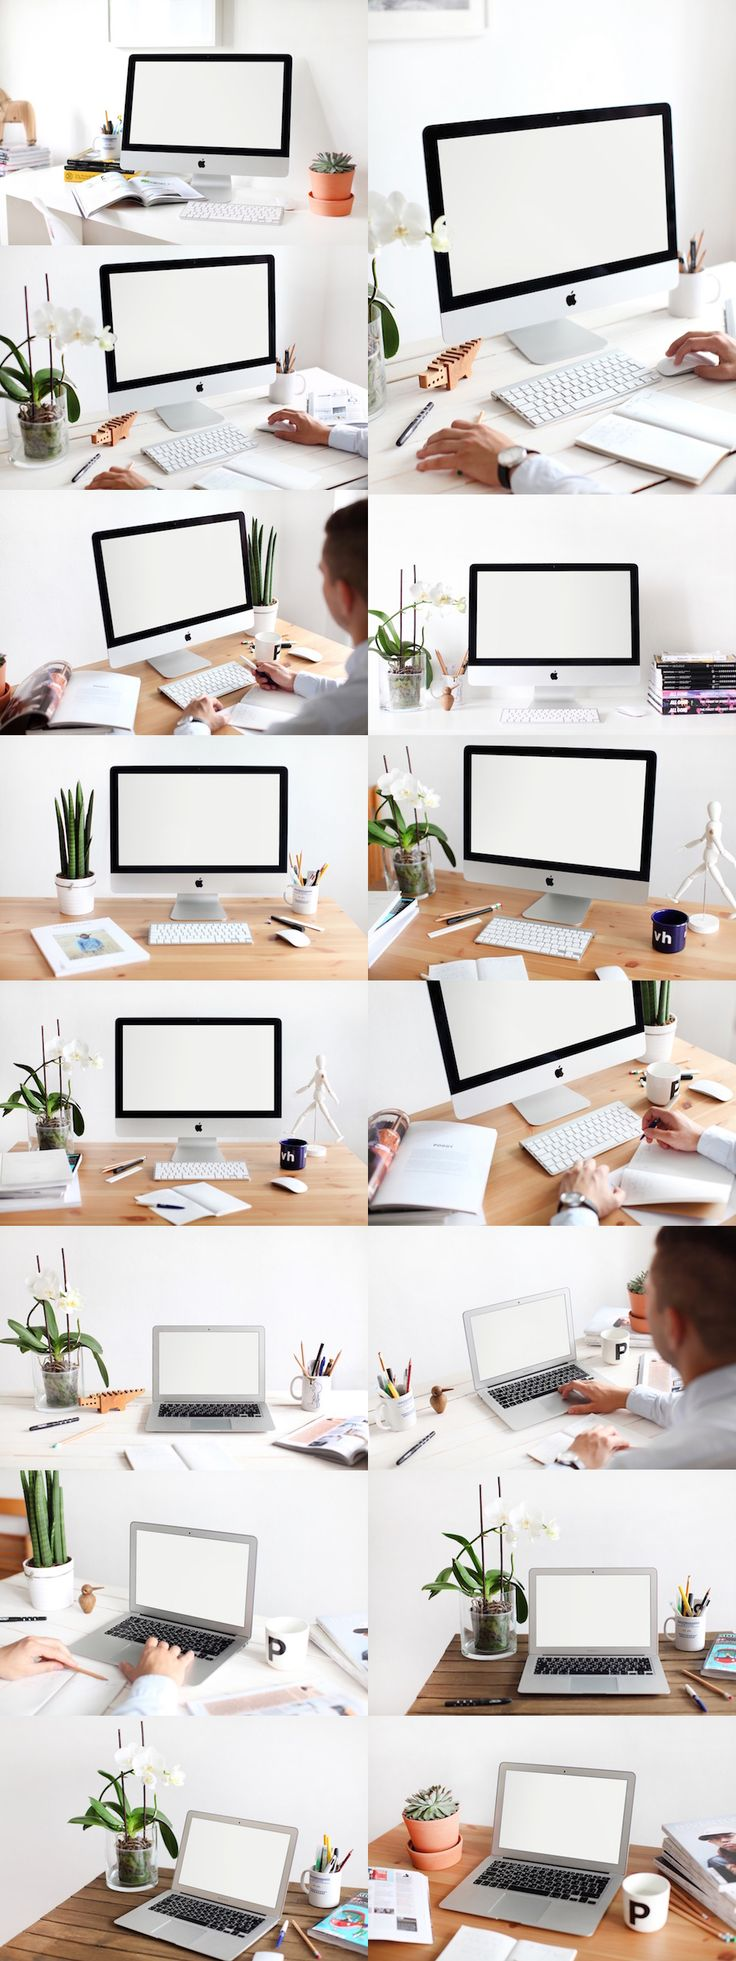 iMac & Macbook Air